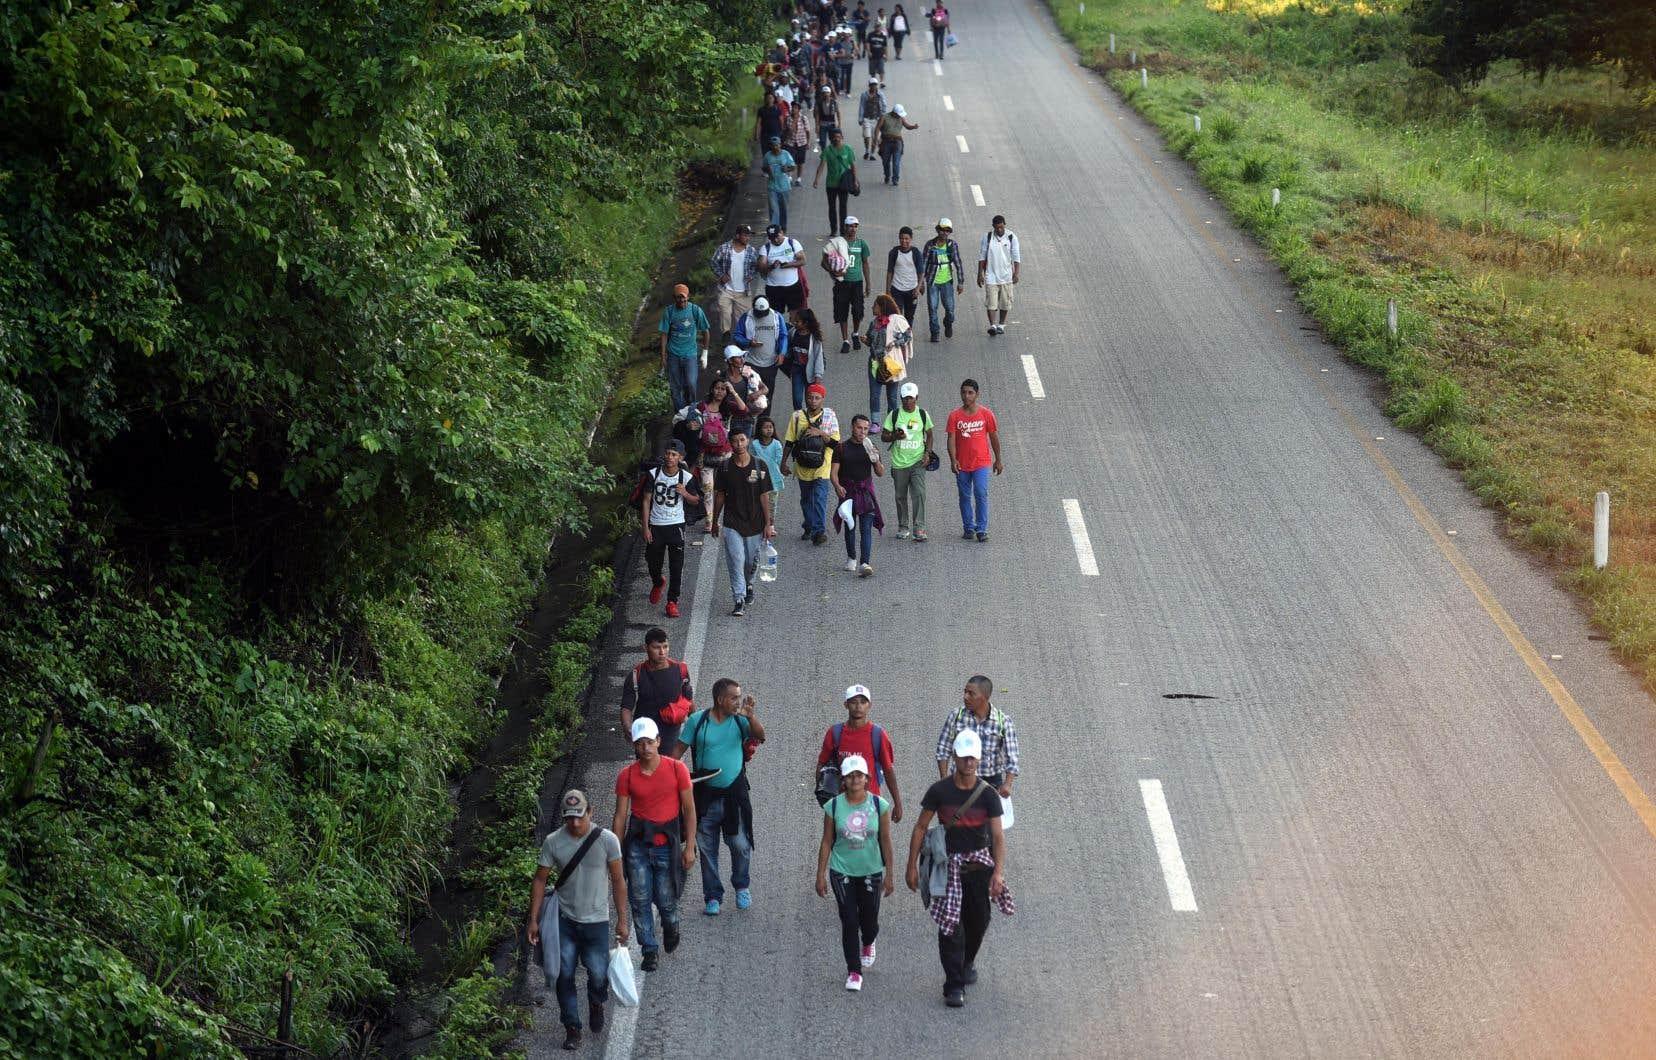 <p>Des milliers de migrants partis du Honduras marchent en direction des États-Unis.</p>